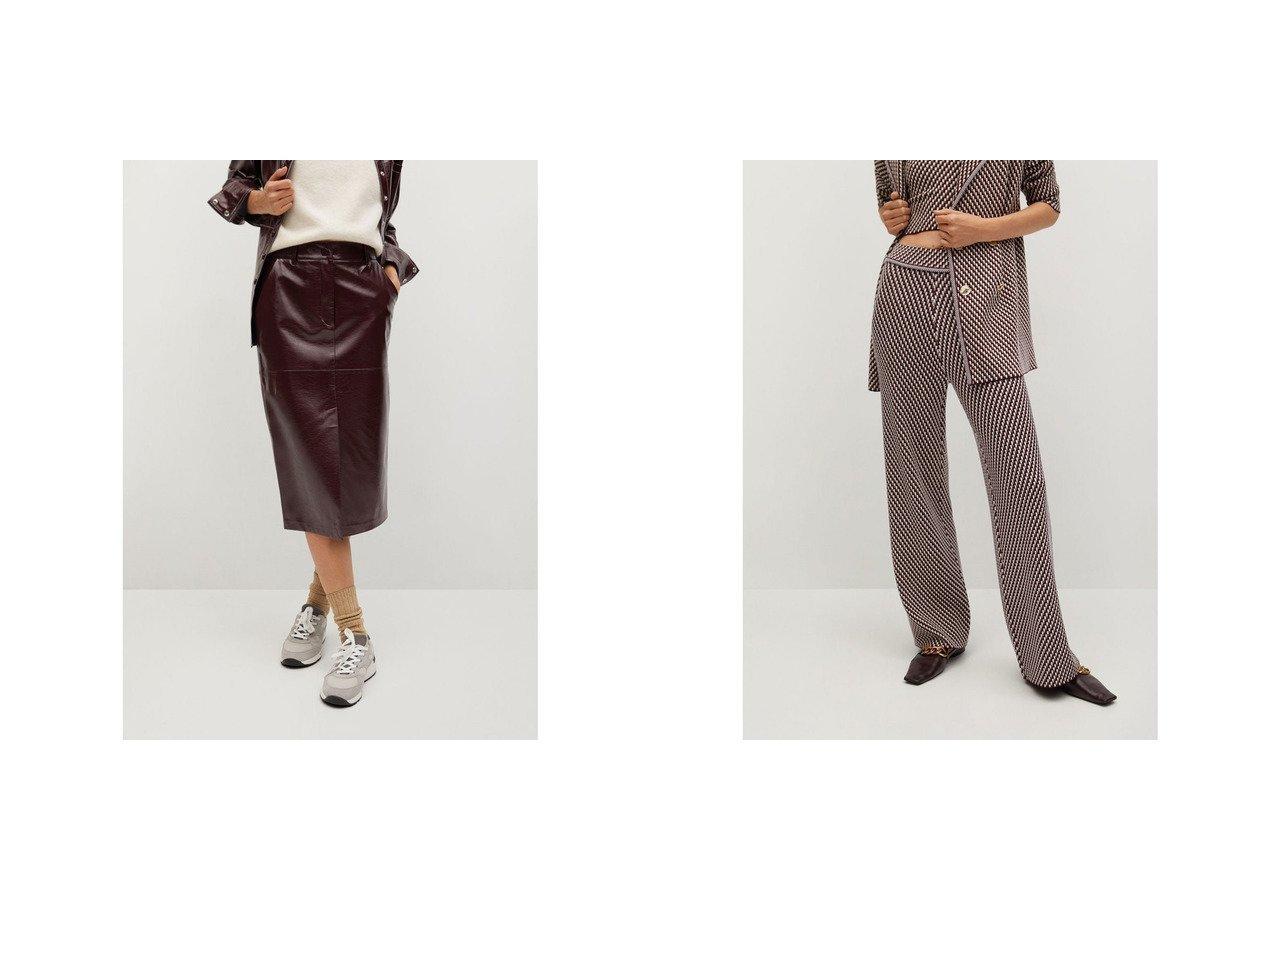 【MANGO/マンゴ】のパンツ .-- ABEILLE&ロングスカート .-- BOLI MANGOのおすすめ!人気、トレンド・レディースファッションの通販  おすすめで人気の流行・トレンド、ファッションの通販商品 メンズファッション・キッズファッション・インテリア・家具・レディースファッション・服の通販 founy(ファニー) https://founy.com/ ファッション Fashion レディースファッション WOMEN スカート Skirt ロングスカート Long Skirt パンツ Pants 2021年 2021 2021 春夏 S/S SS Spring/Summer 2021 S/S 春夏 SS Spring/Summer スリット ハイライズ ペンシル ポケット モチーフ ループ ロング 春 Spring |ID:crp329100000017707